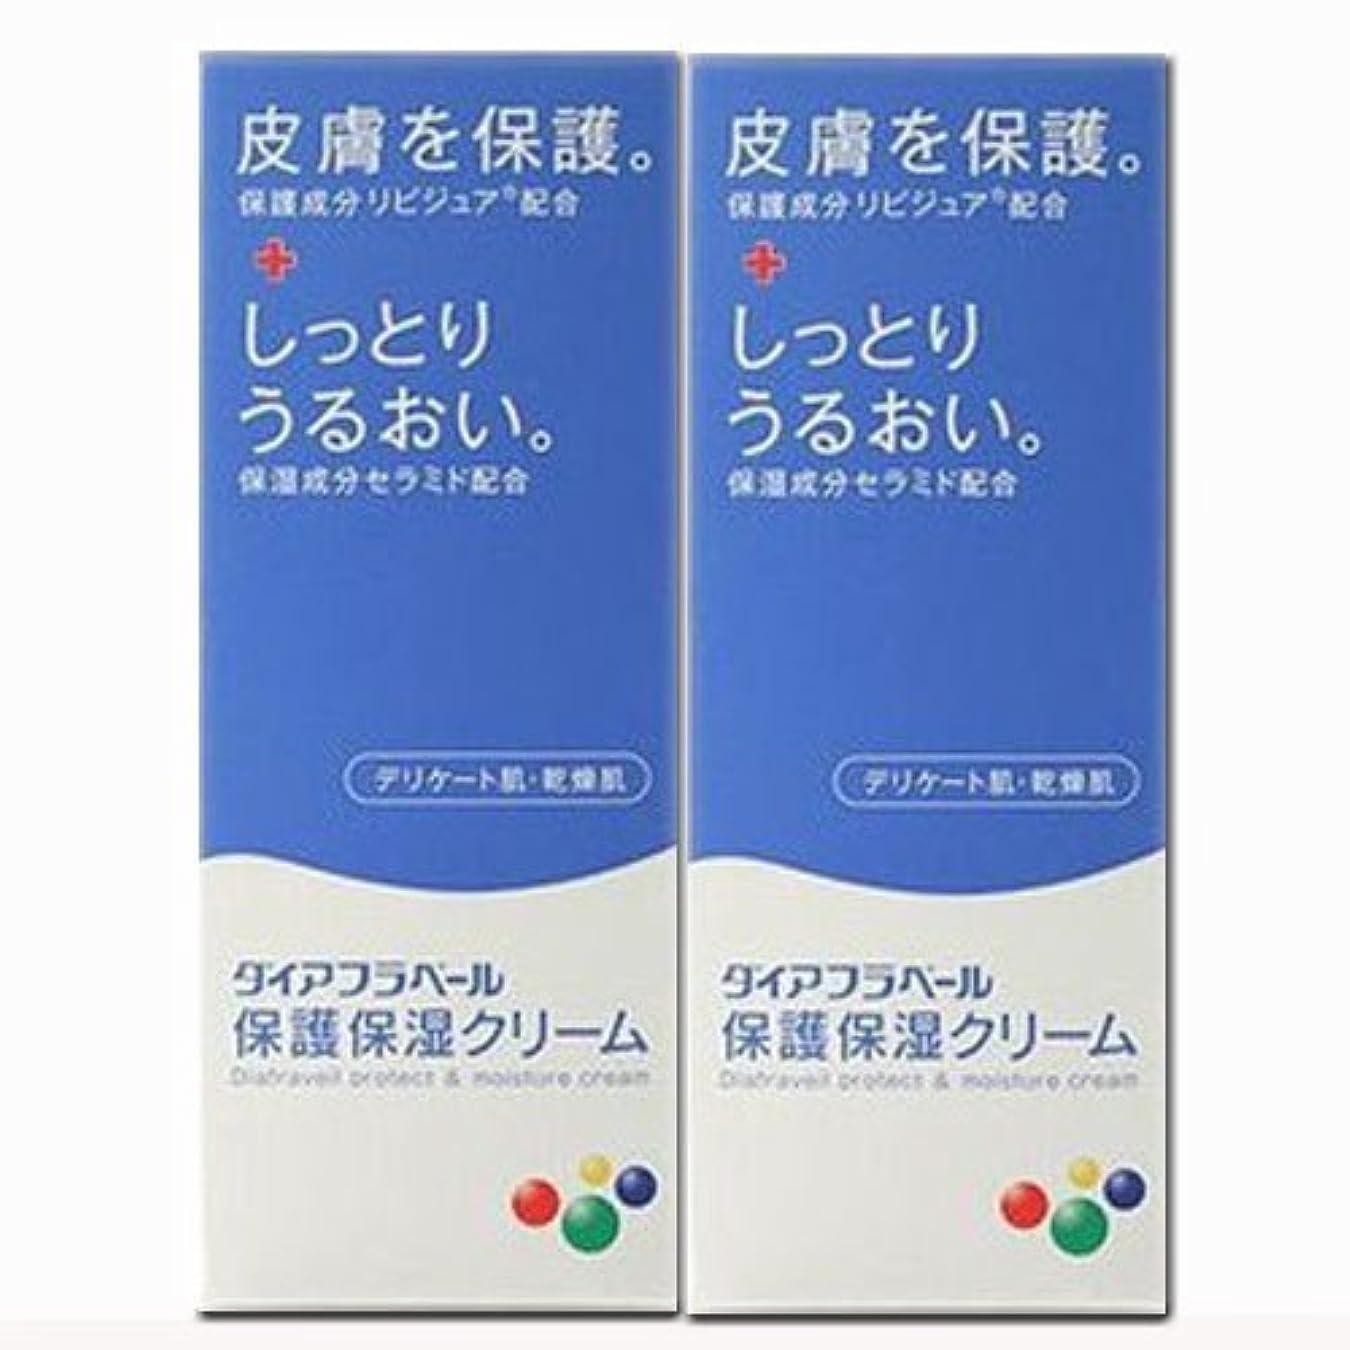 囲むアーカイブさわやか【2個】ダイアフラベール 保護保湿クリーム 60gx2個 (4987360200539-2)